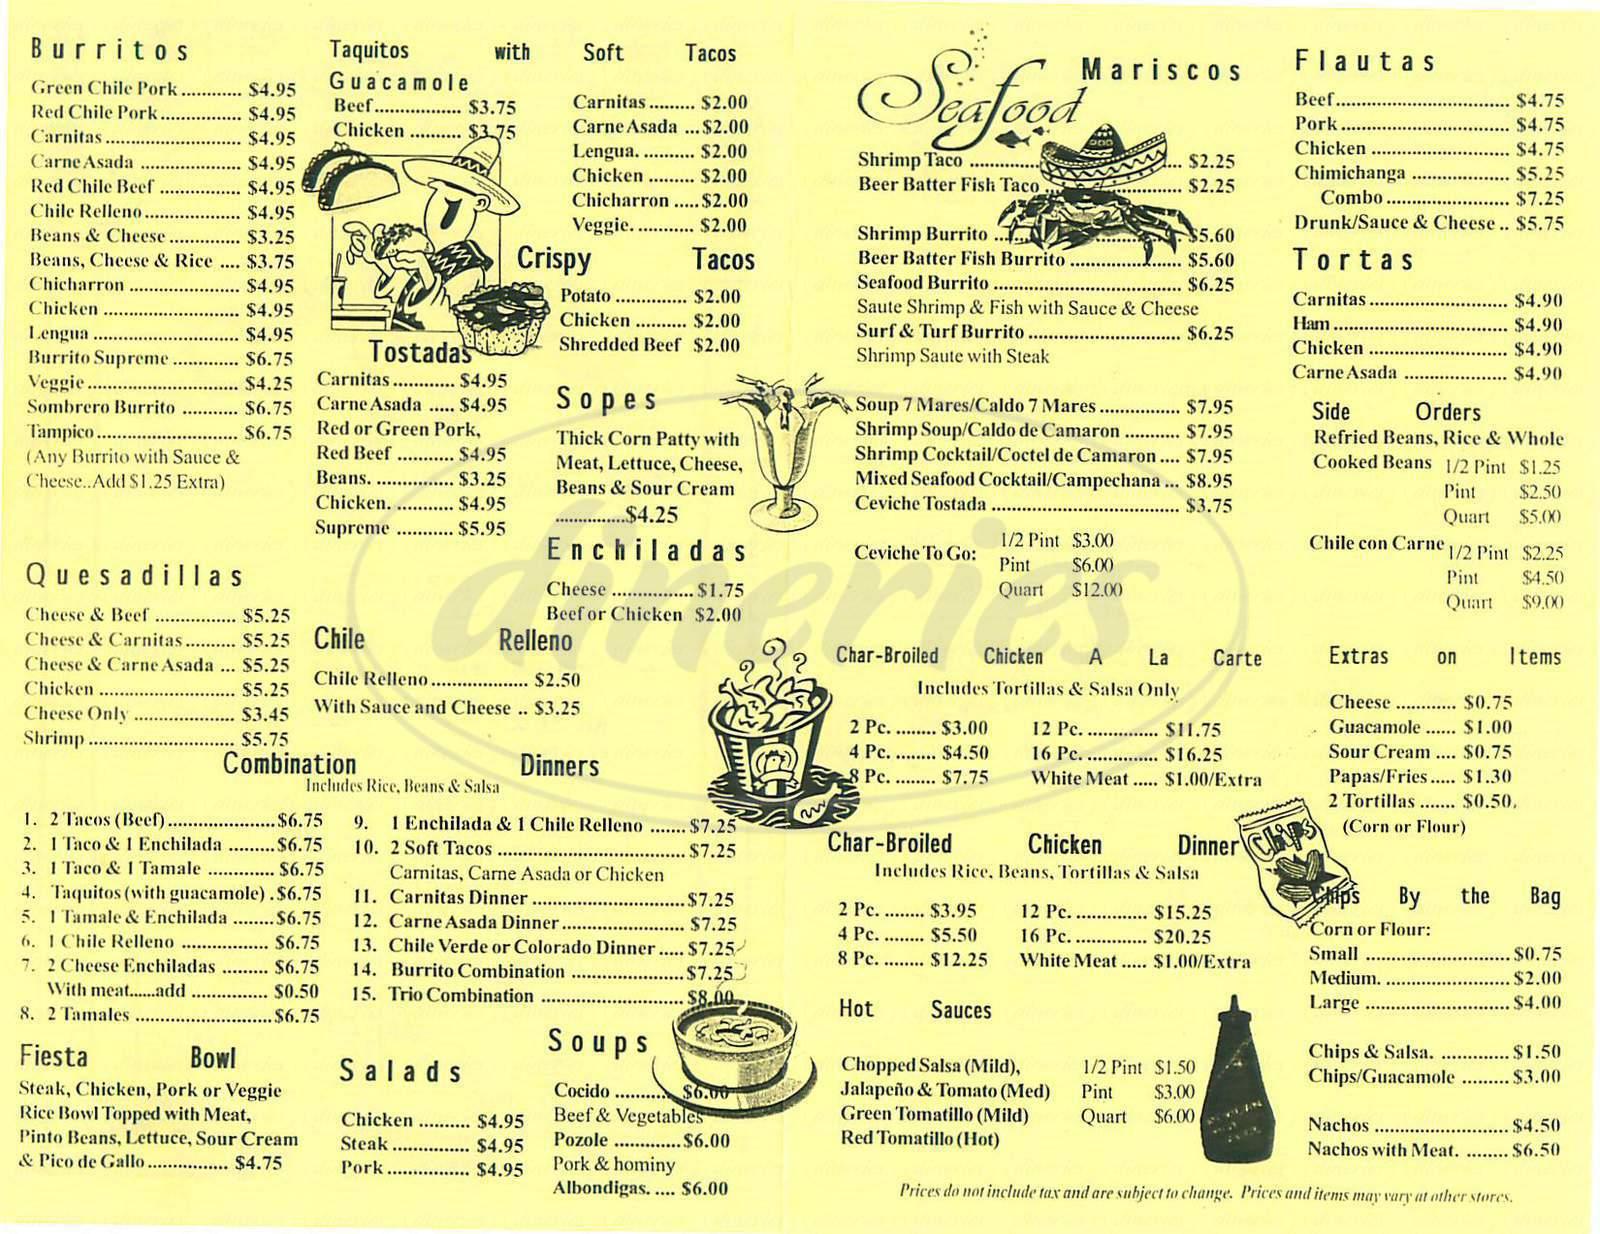 menu for Carrillo's